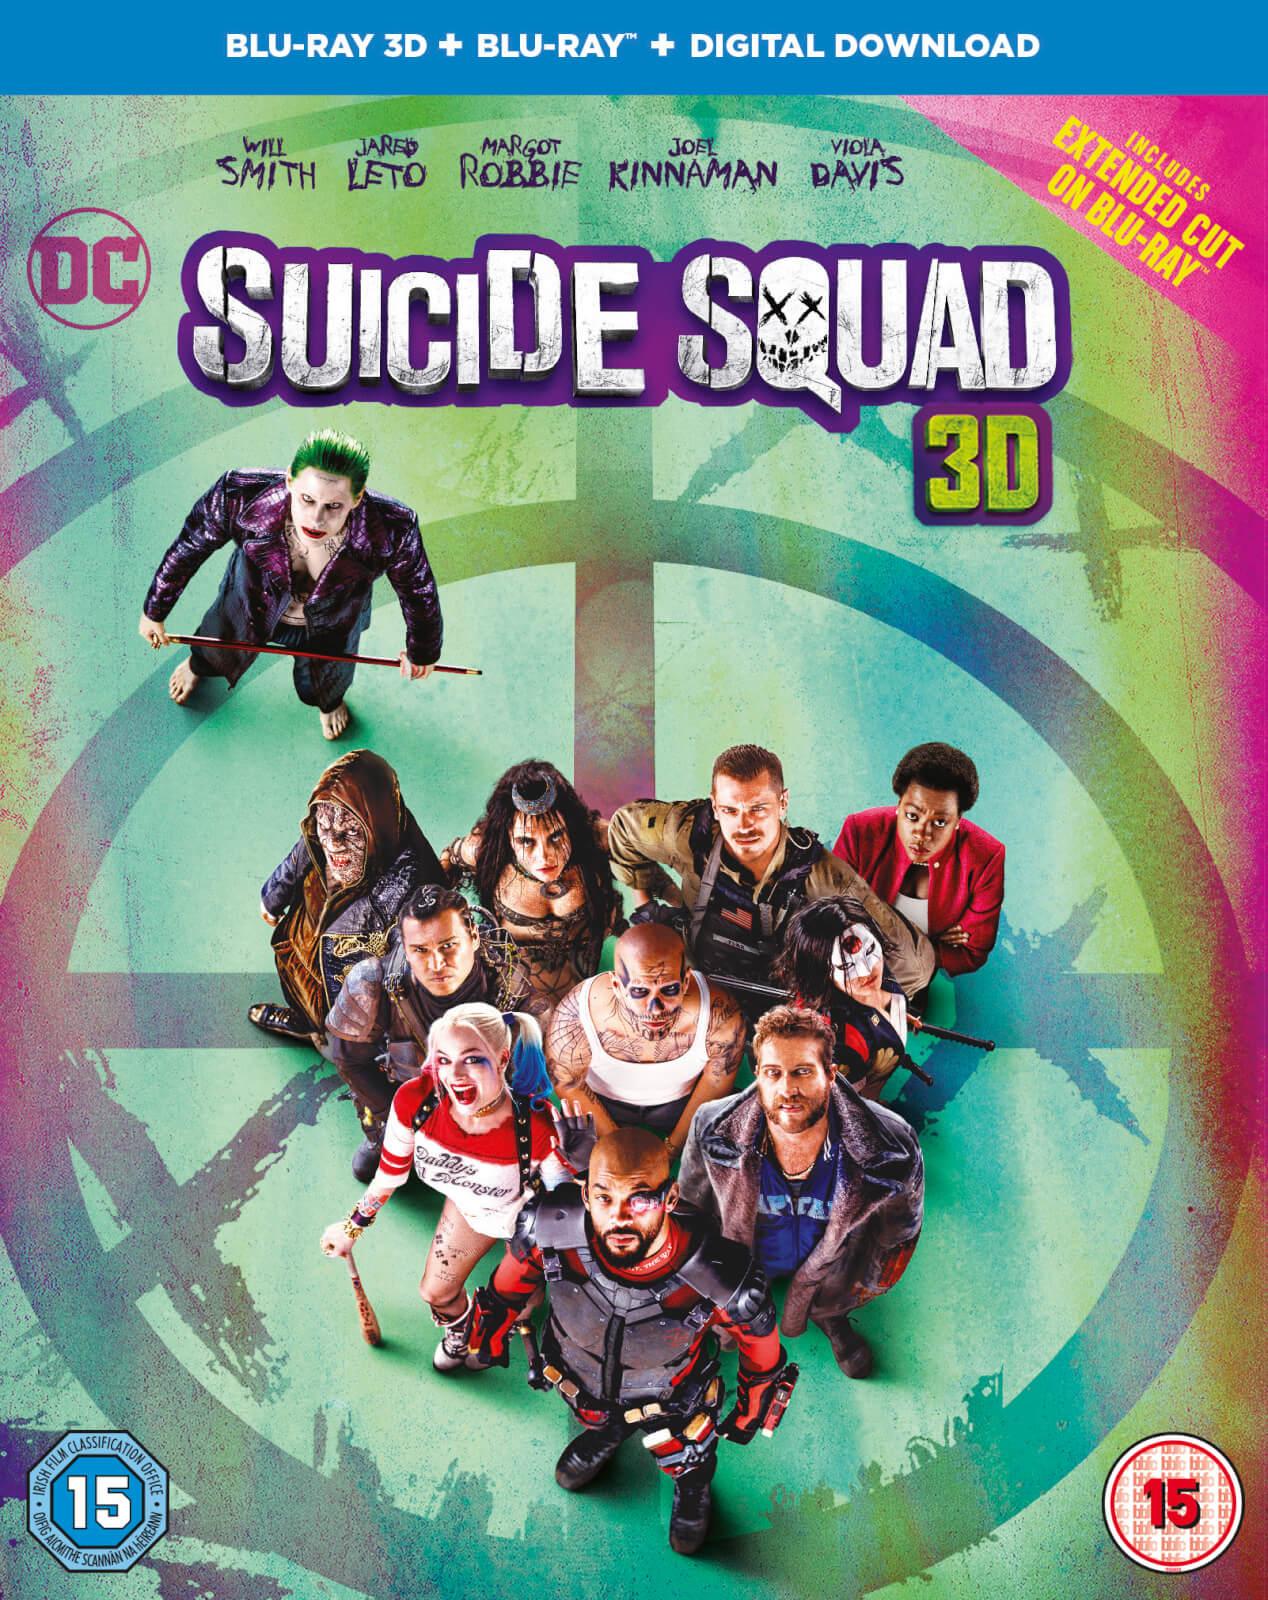 Suicide Squad 3D Blu-Ray + Blu-Ray + Digital Copy £4.51 @ Amazon UK (£7.50 Non-prime)